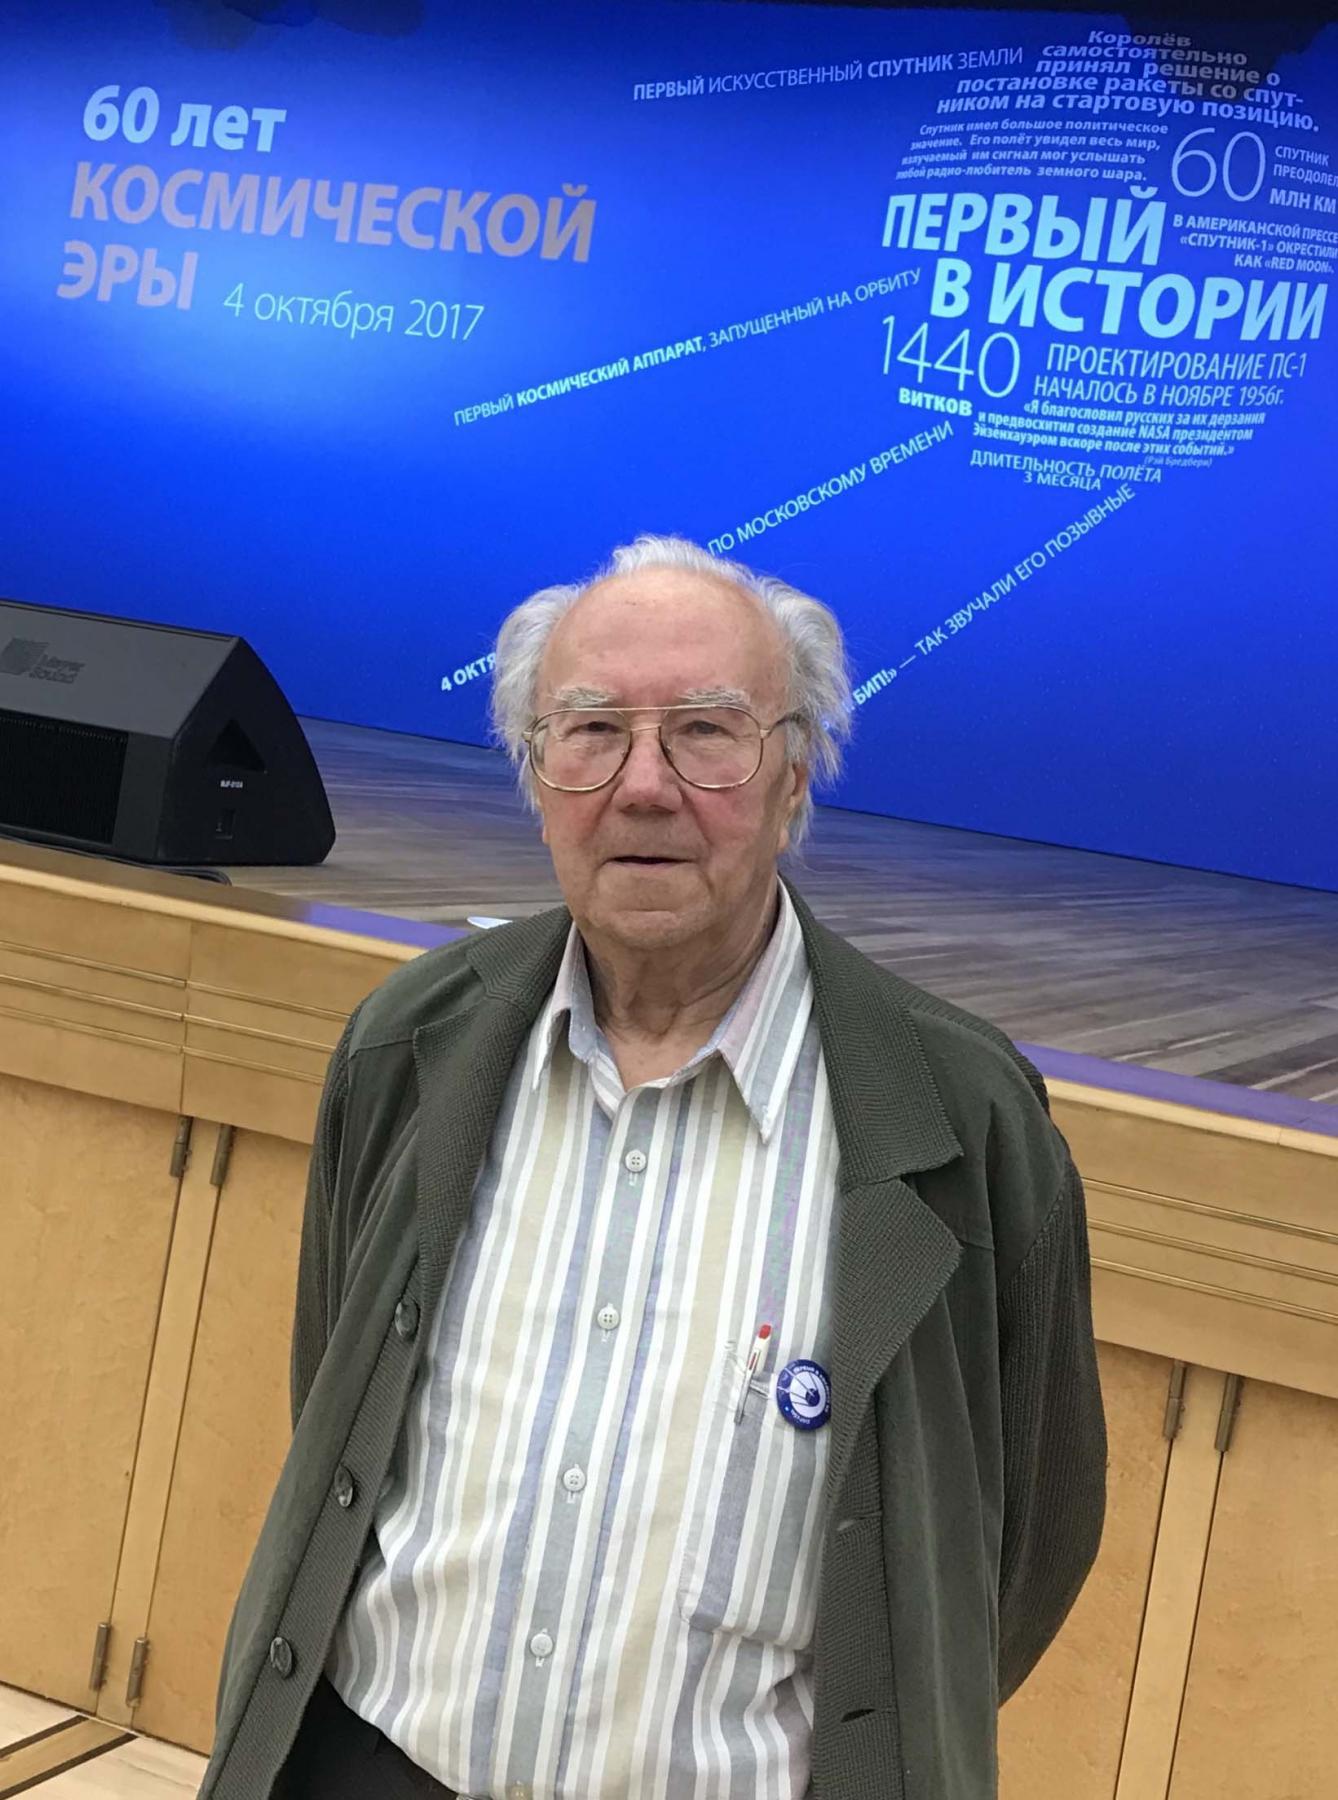 Юрий Иванович Логачев, главный научный сотрудник НИИЯФ МГУ